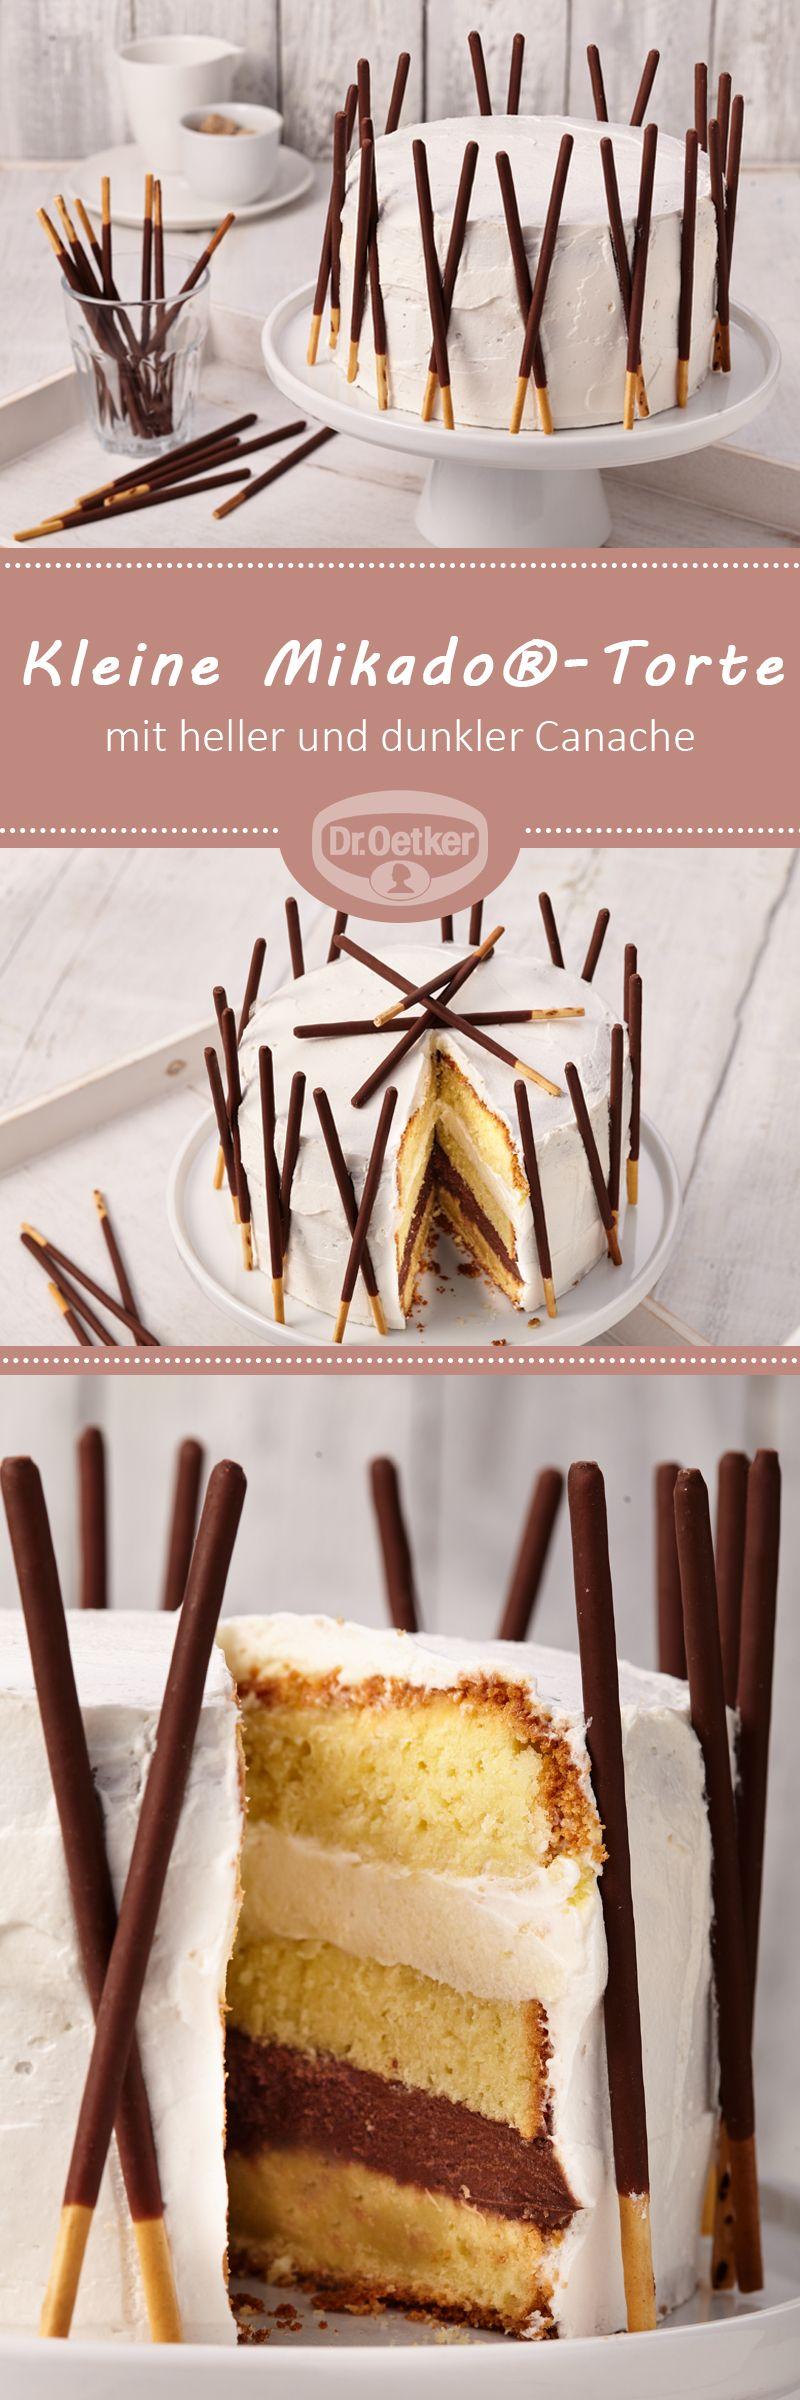 Kleine Mikado Torte Rezept Torten Rezepte Kuchen Und Torten Und Leckere Torten